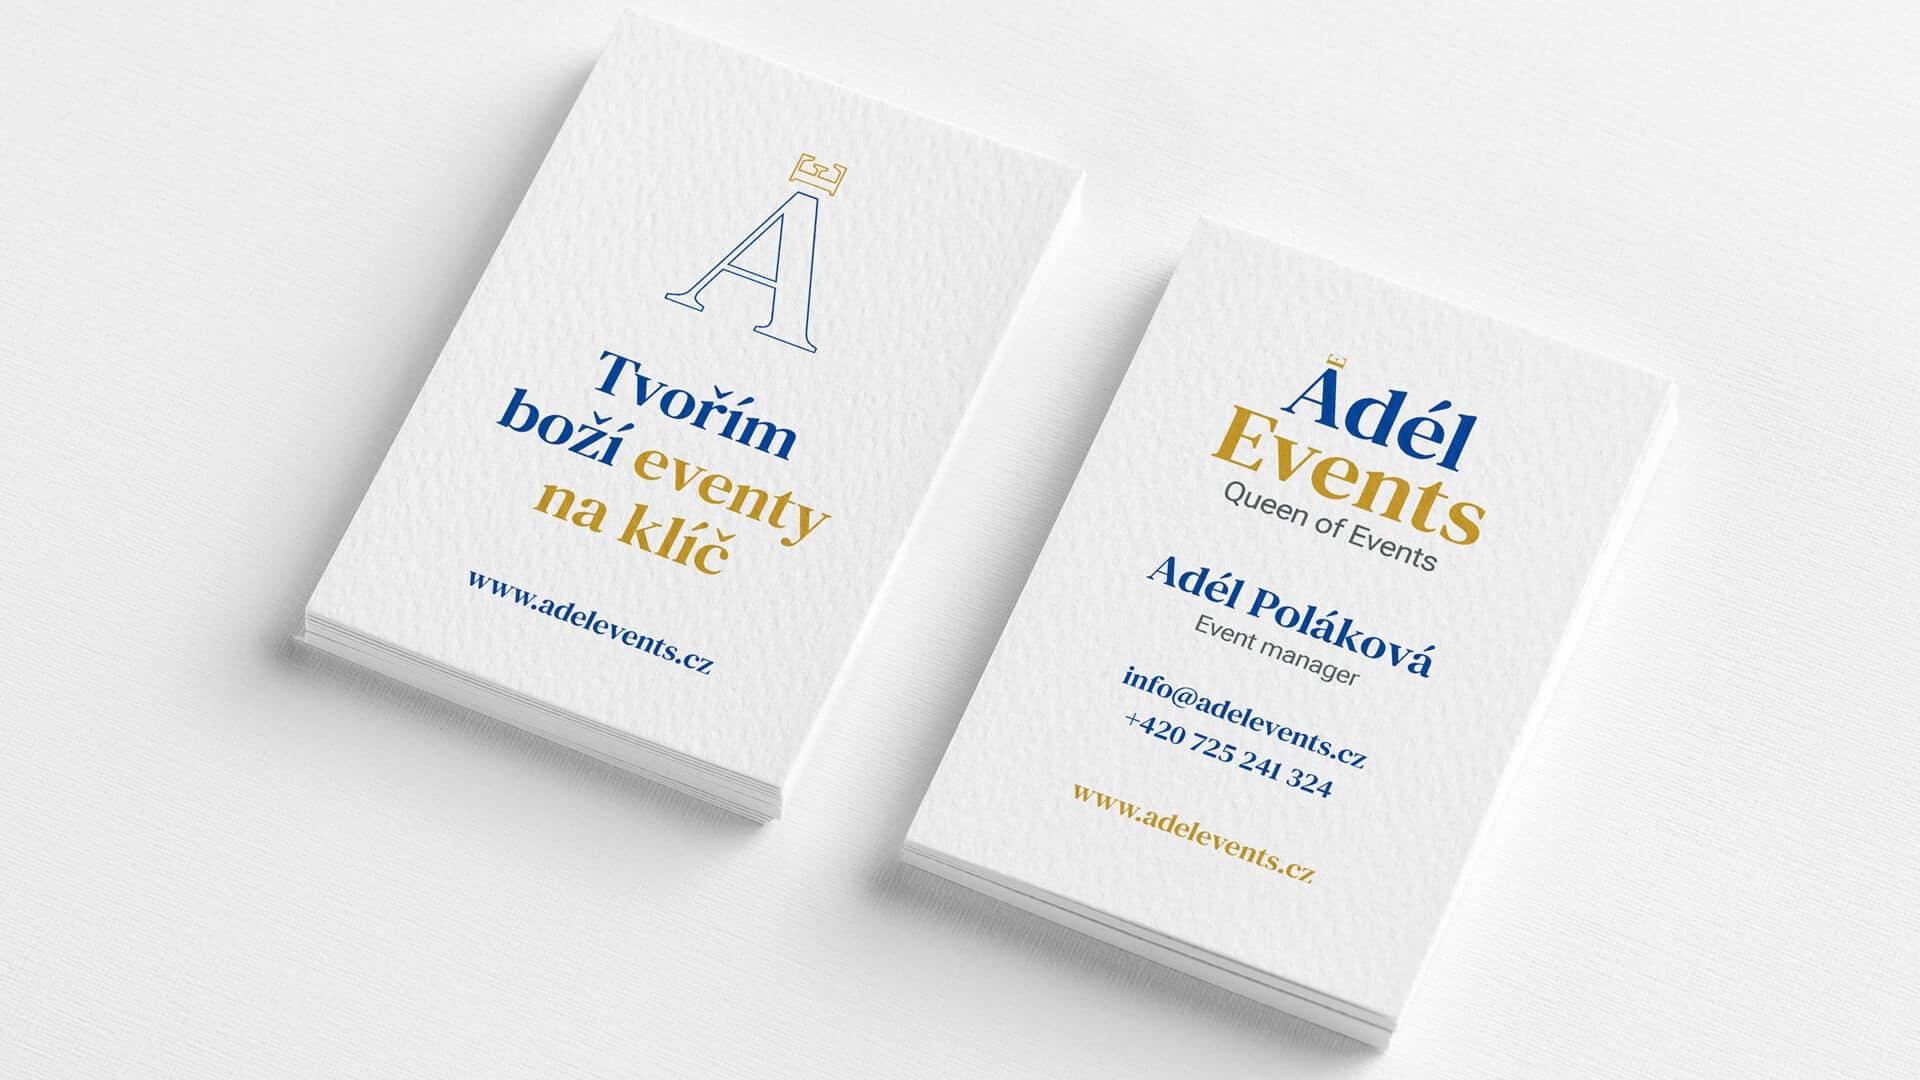 Tvorba loga avizuální identity Adel events vizitky